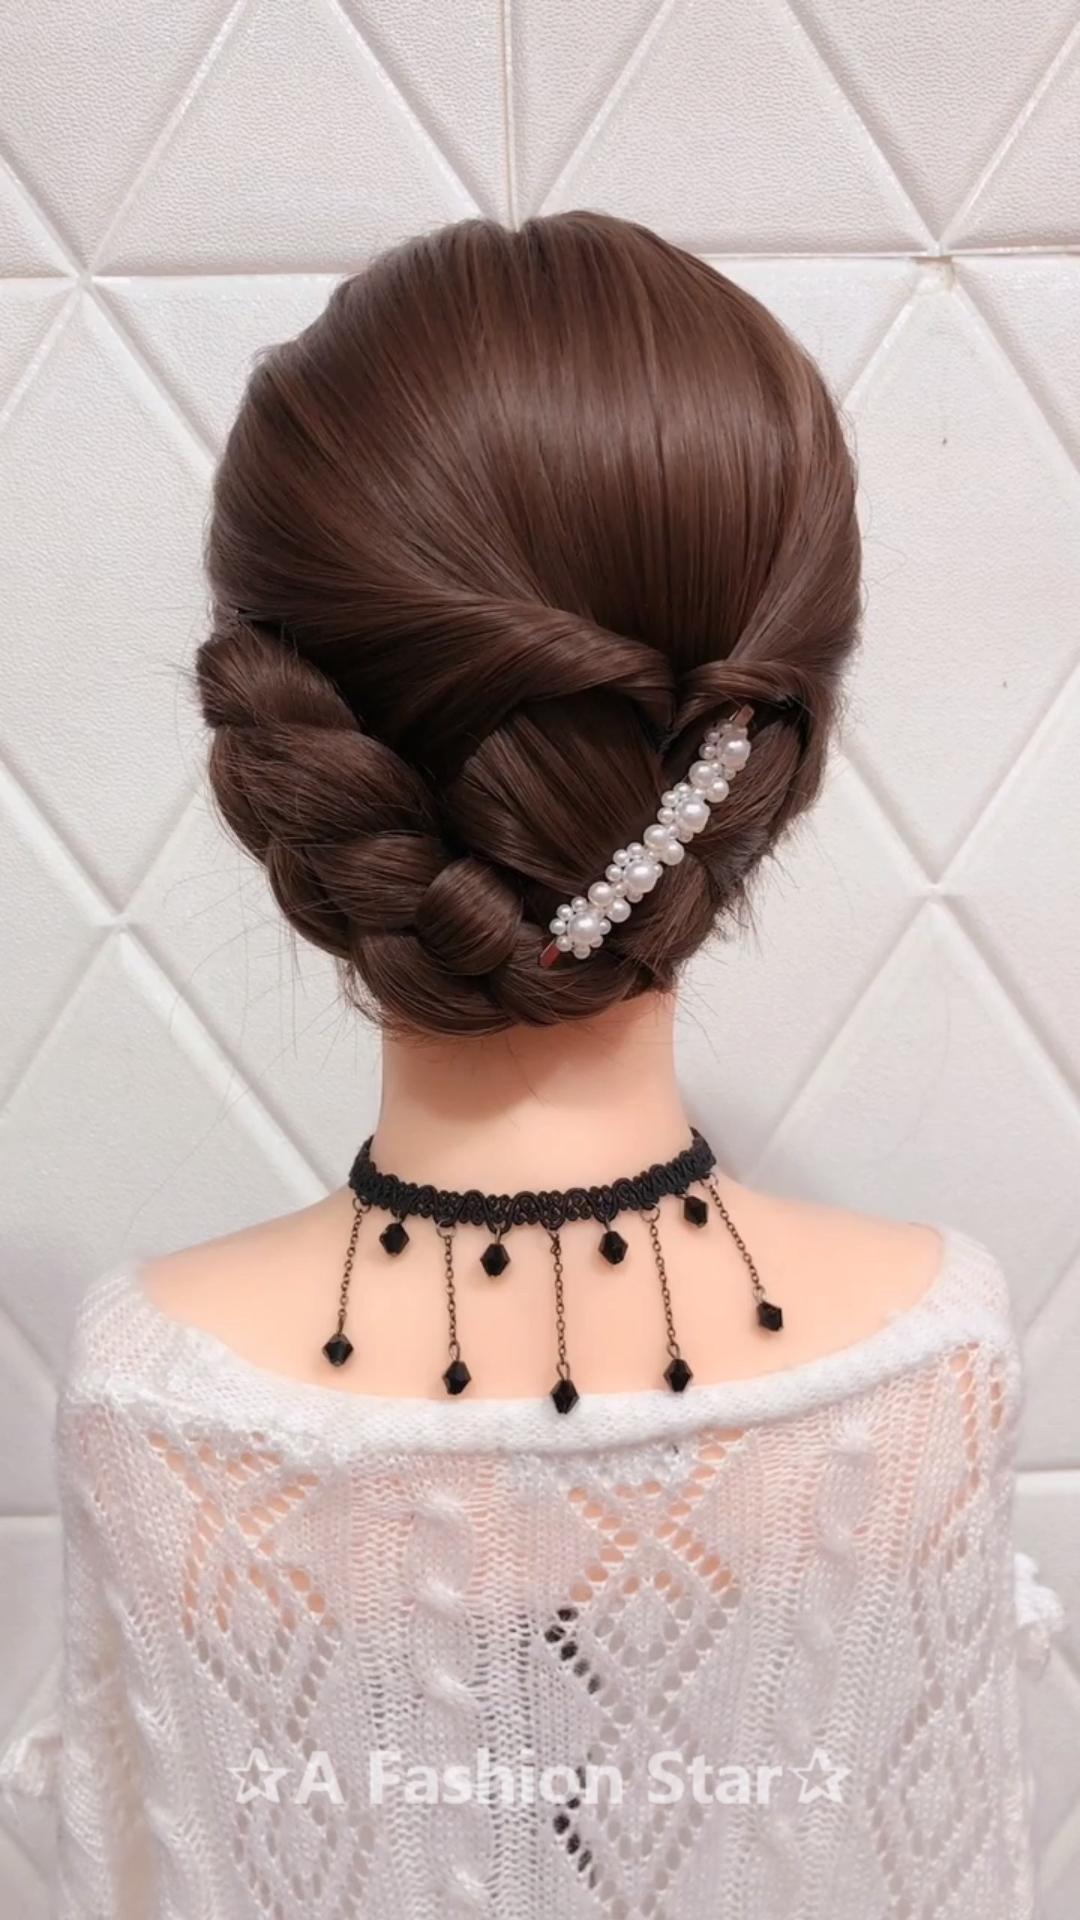 10 erstaunliche Braid Frisuren – Frisur für 2019   – Hair Styles & Hair Colors